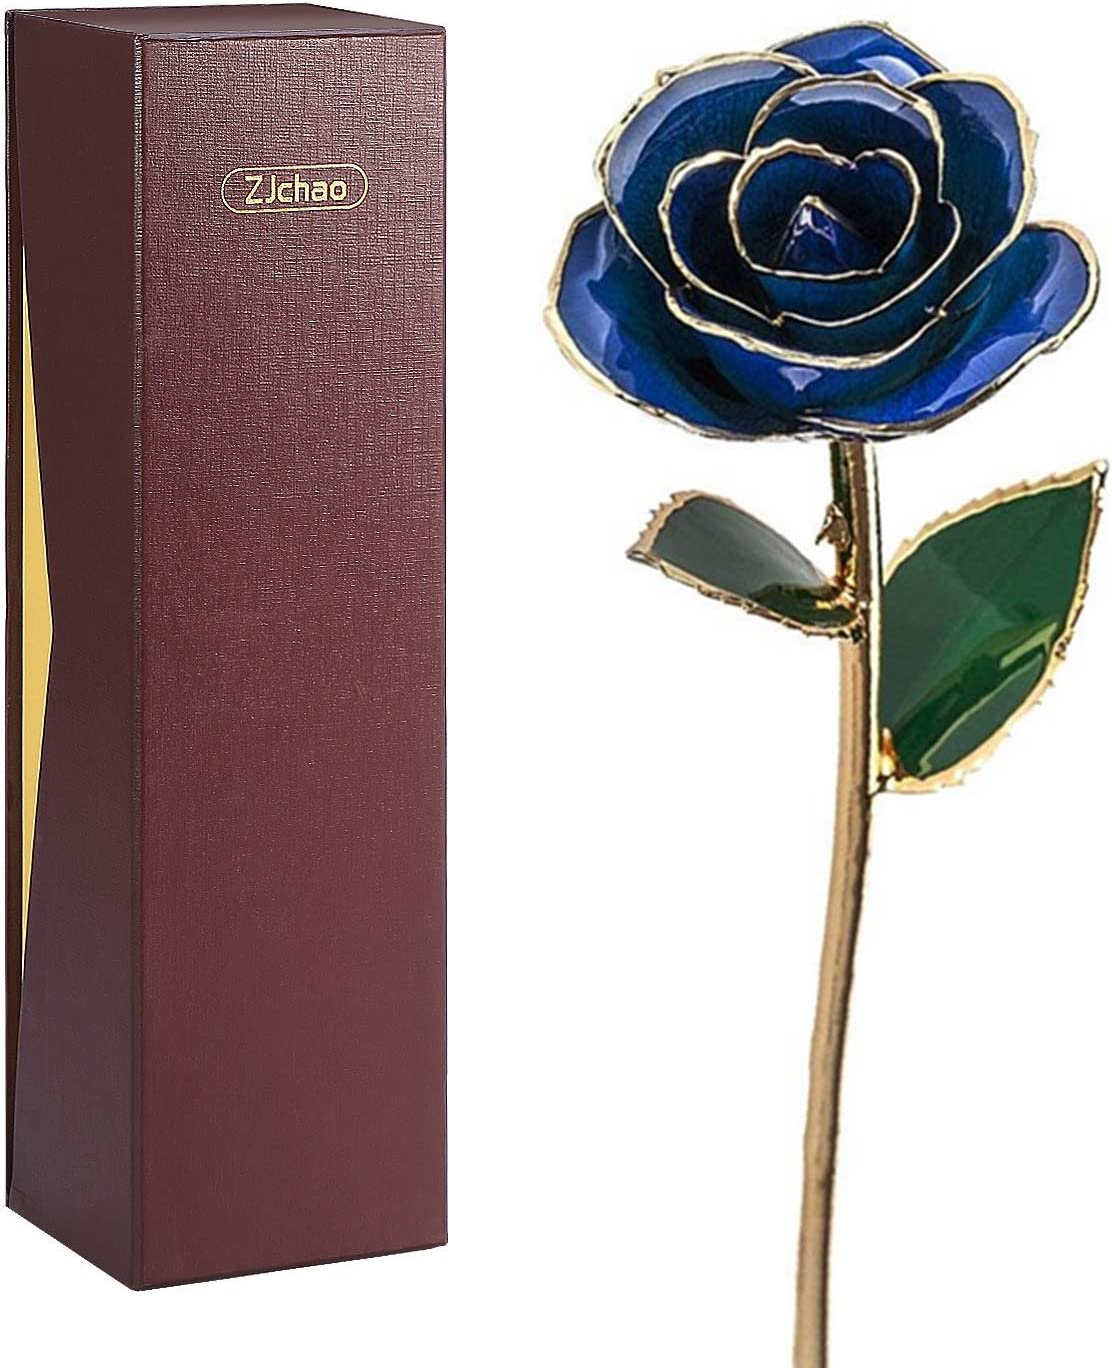 Goldene Gold Rose Hochzeit Geburtstag Valentinstag Geschenk 999 vergoldet